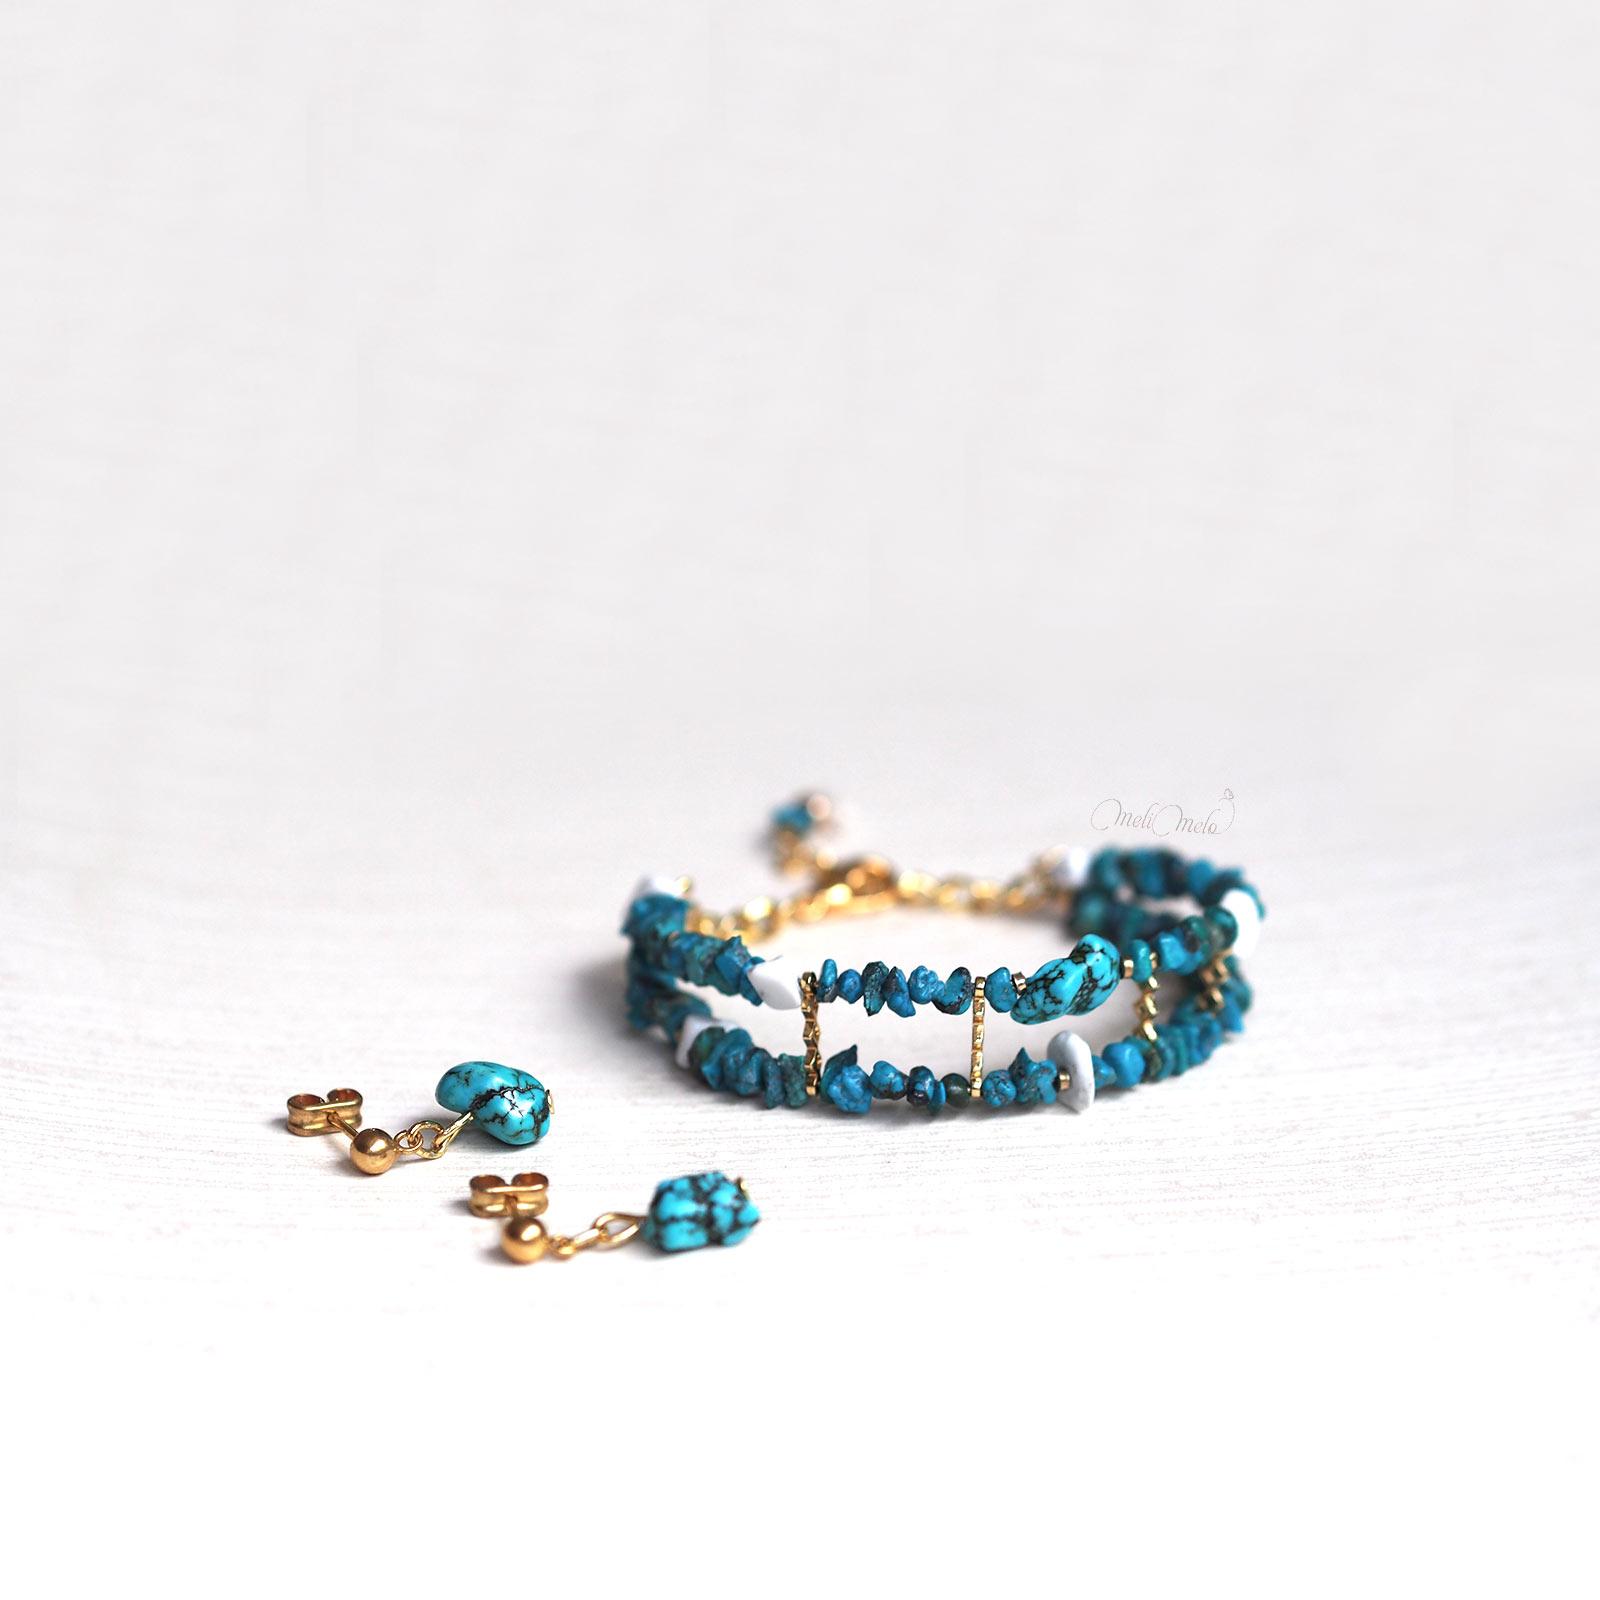 bijoux bracelet boucles oreilles Turquoise Howlite plaqué or laboutiquedemelimelo